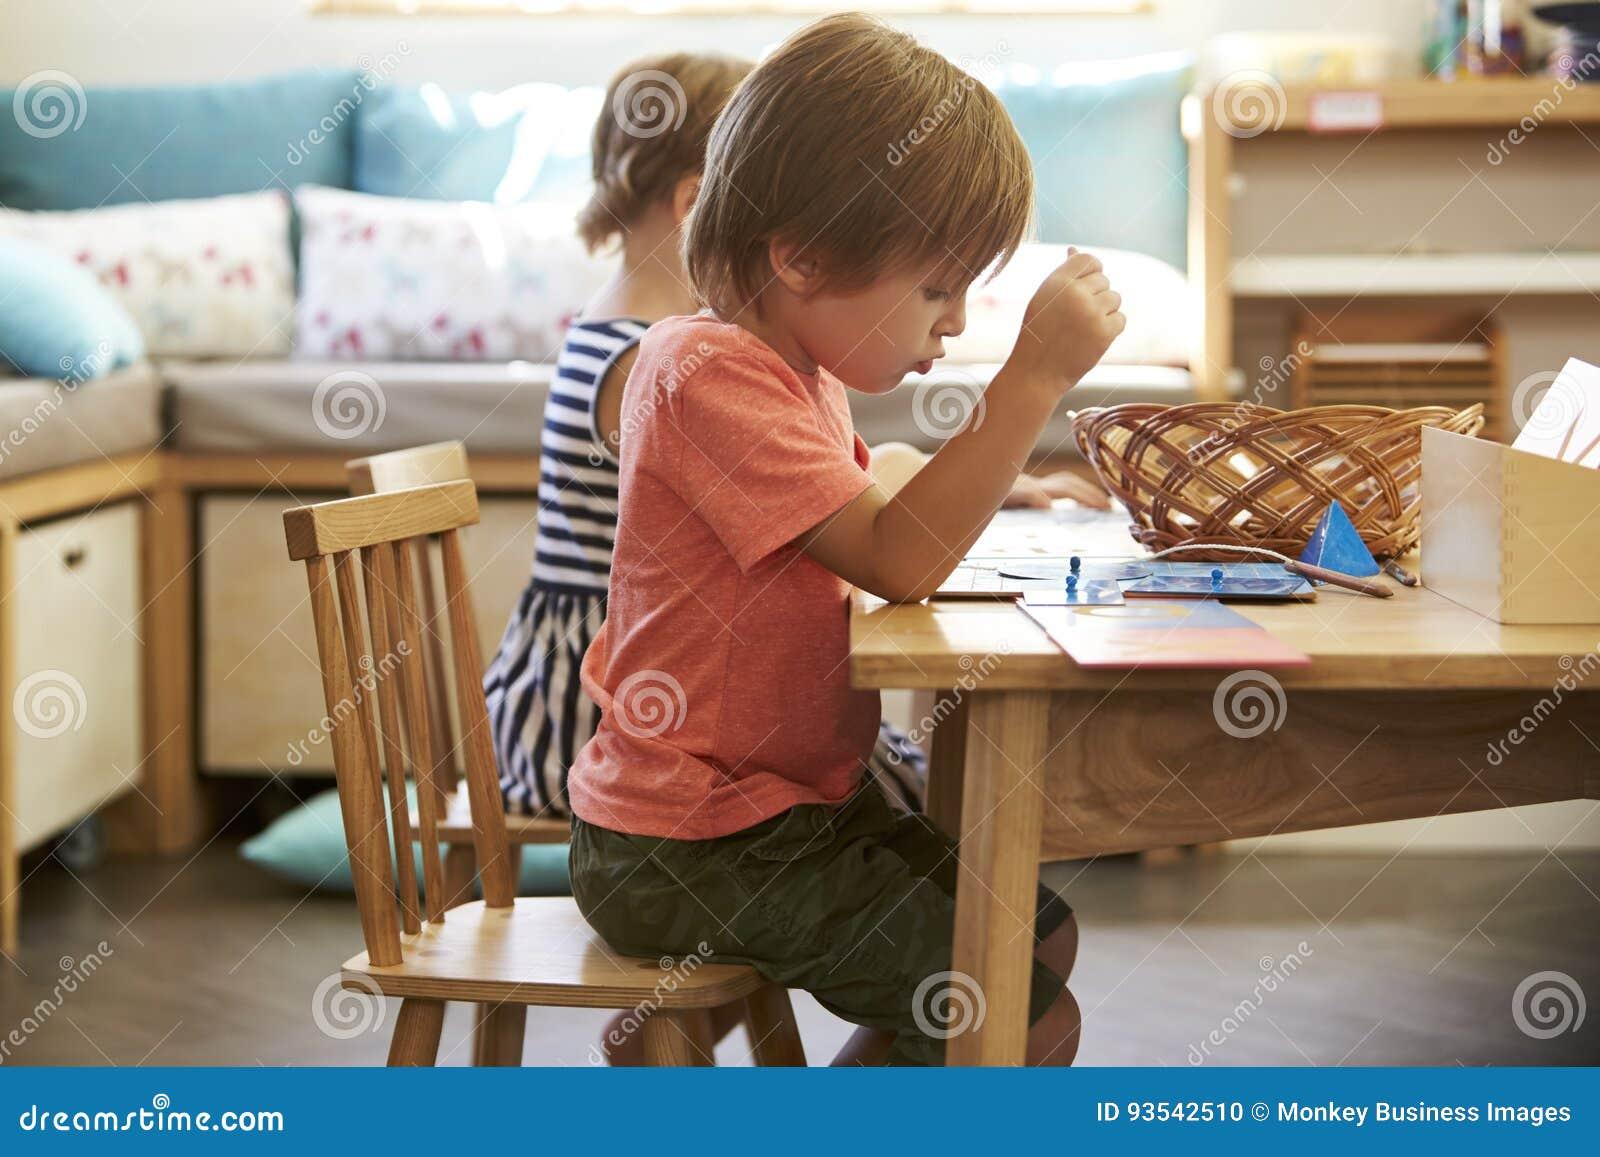 Зрачок Montessori работая на столе с деревянными формами